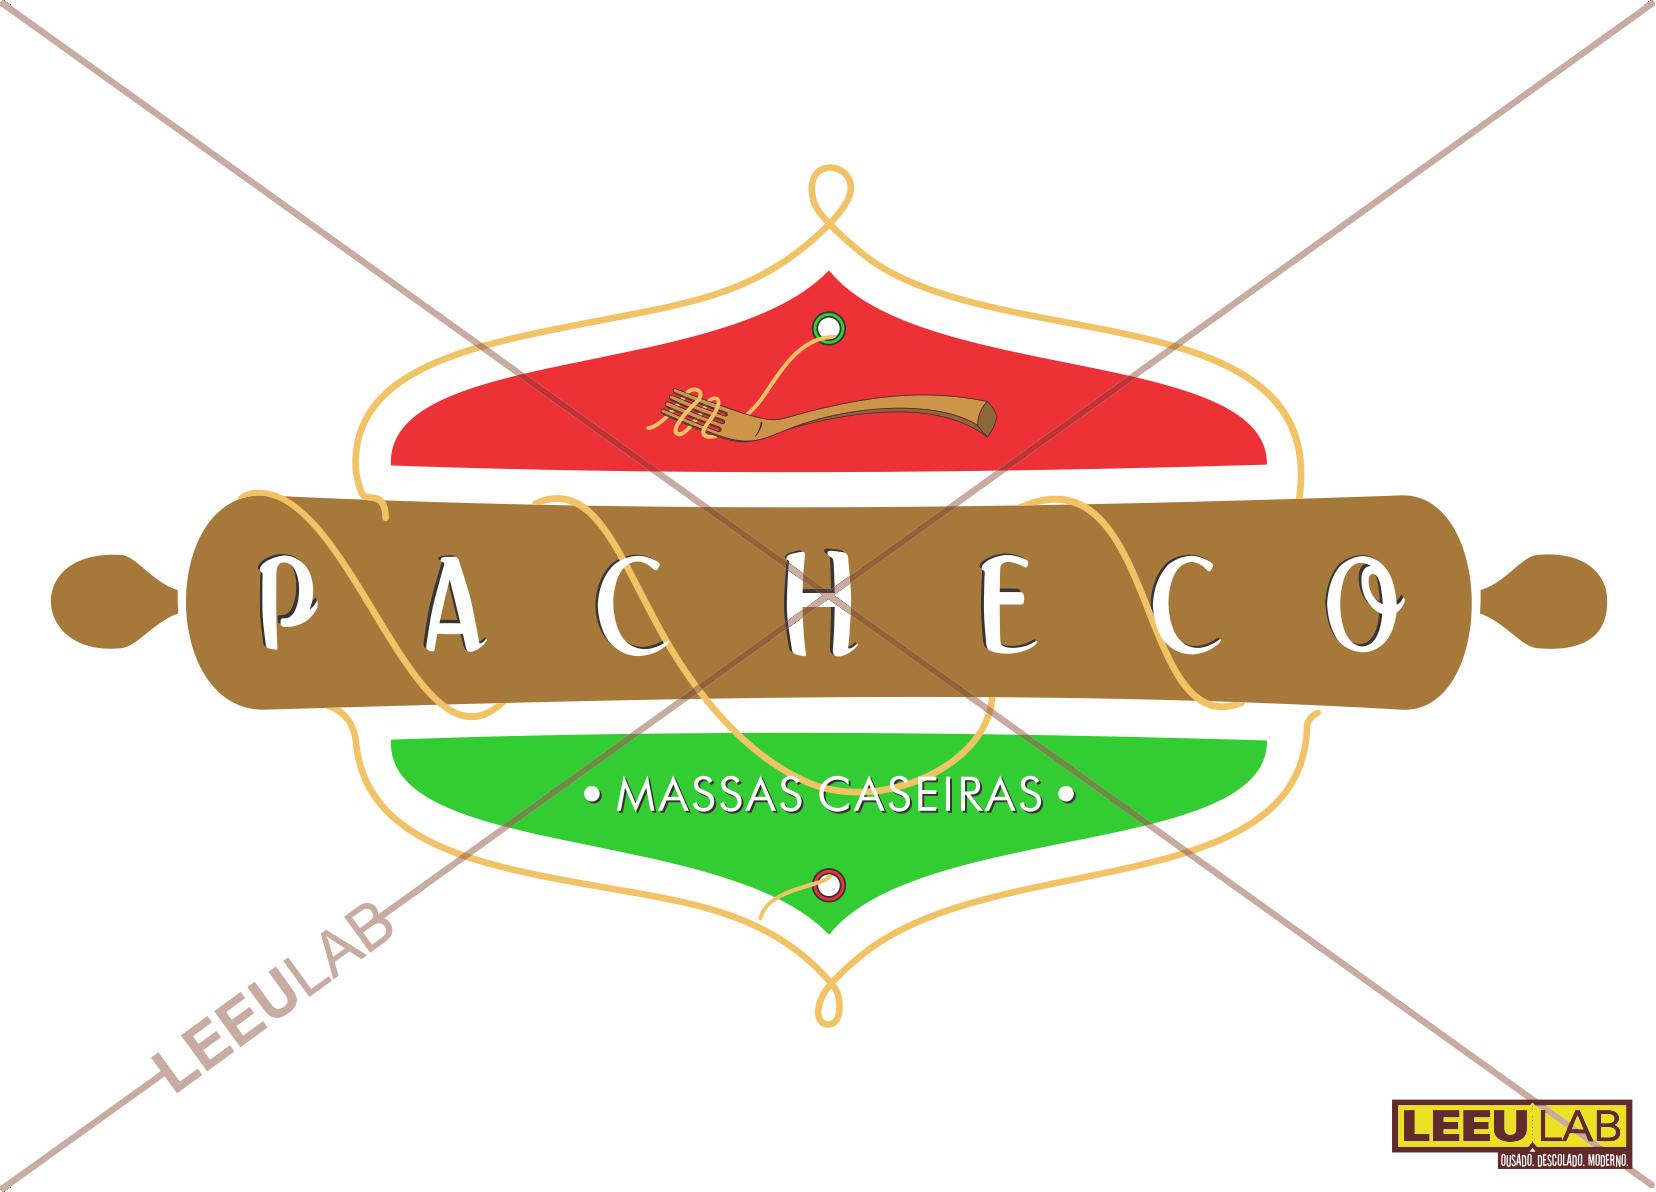 PACHECO.MASSAS.CASEIRAS